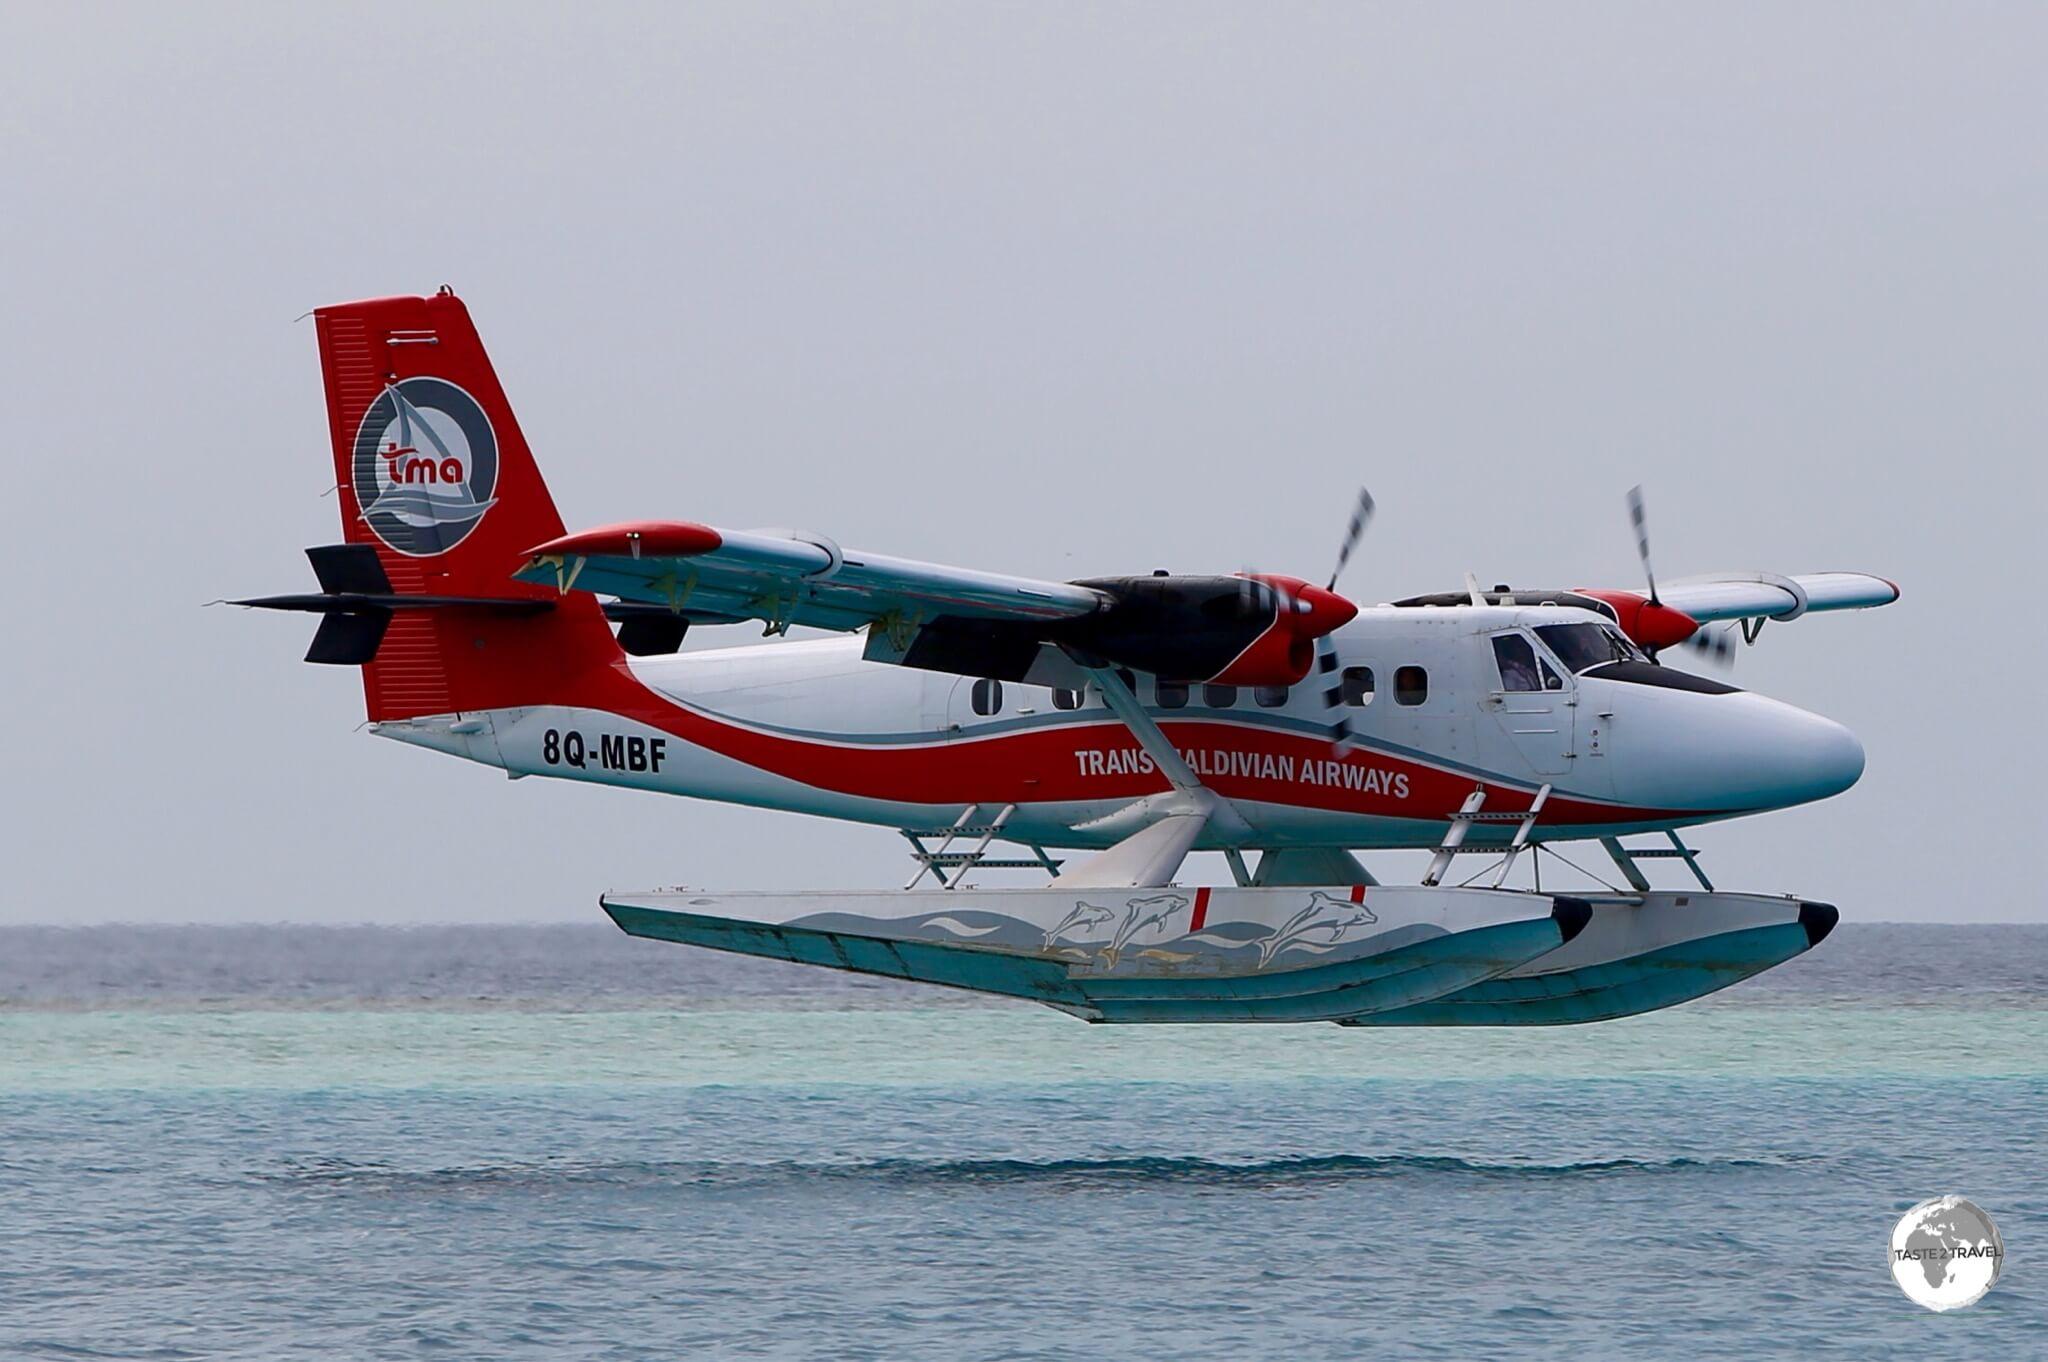 A TMA flight landing at remote Vilamendhoo resort.